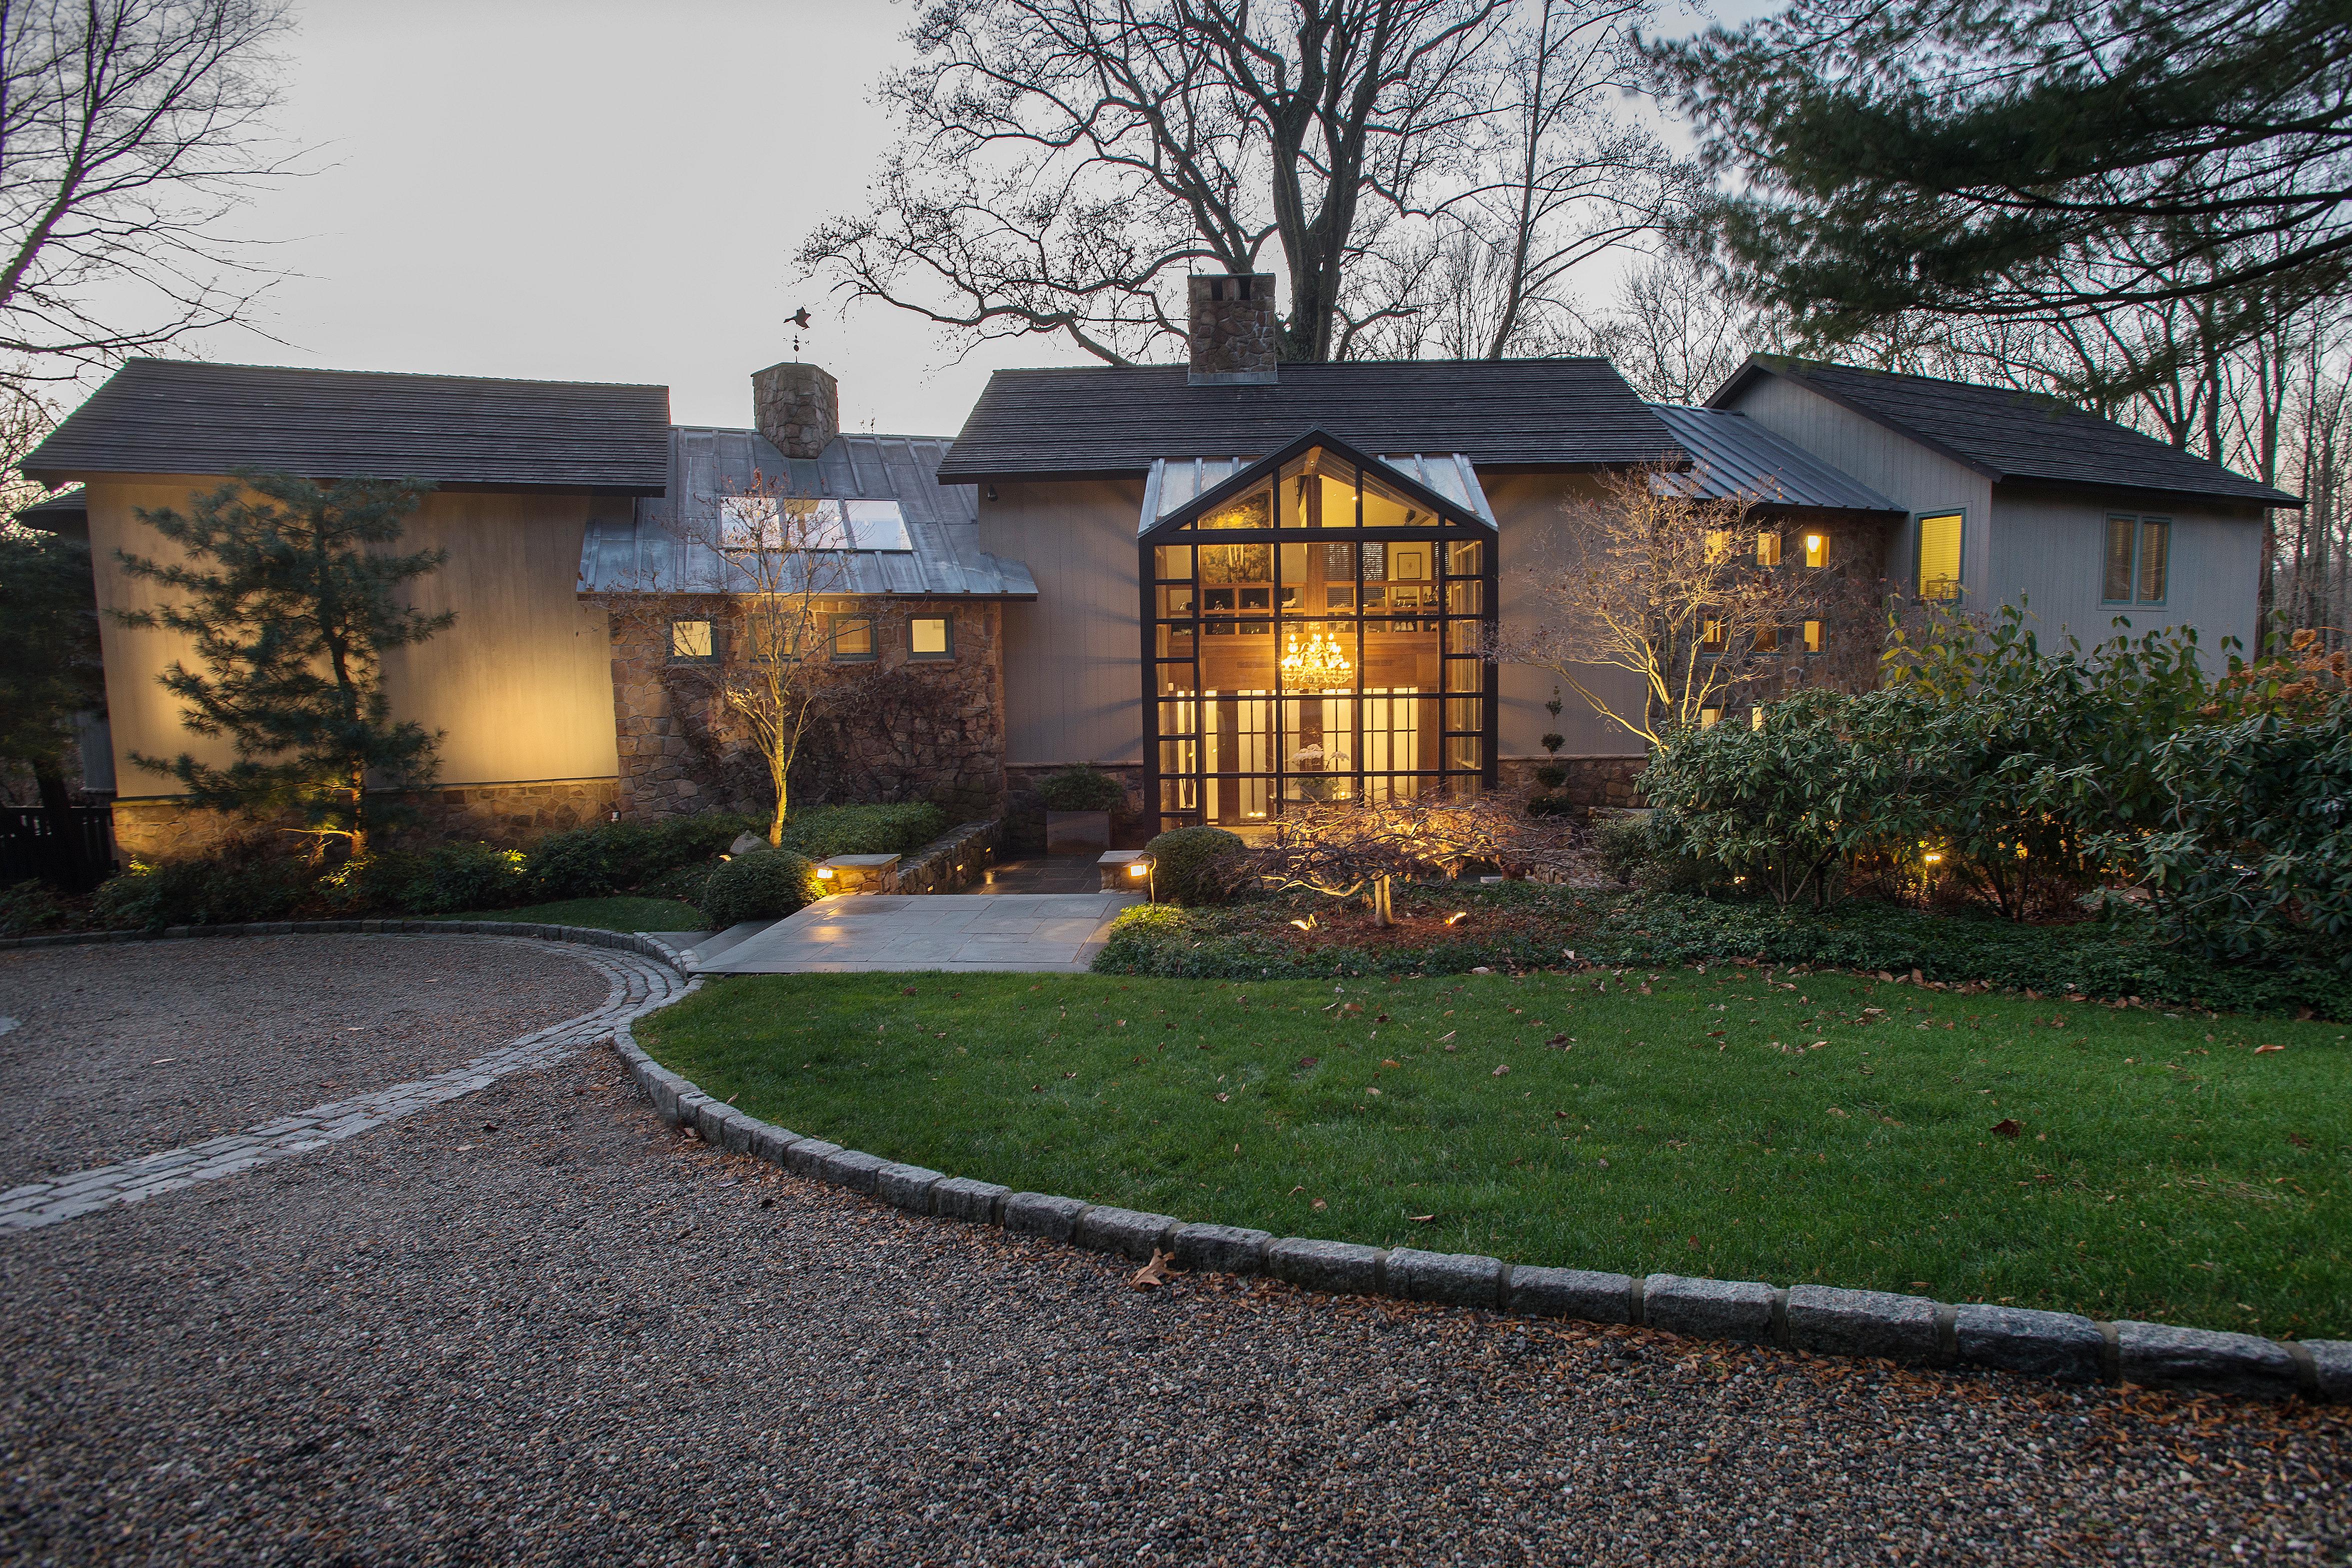 Einfamilienhaus für Verkauf beim Ultimate Retreat 97 Old Boston Road Wilton, Connecticut 06897 Vereinigte Staaten